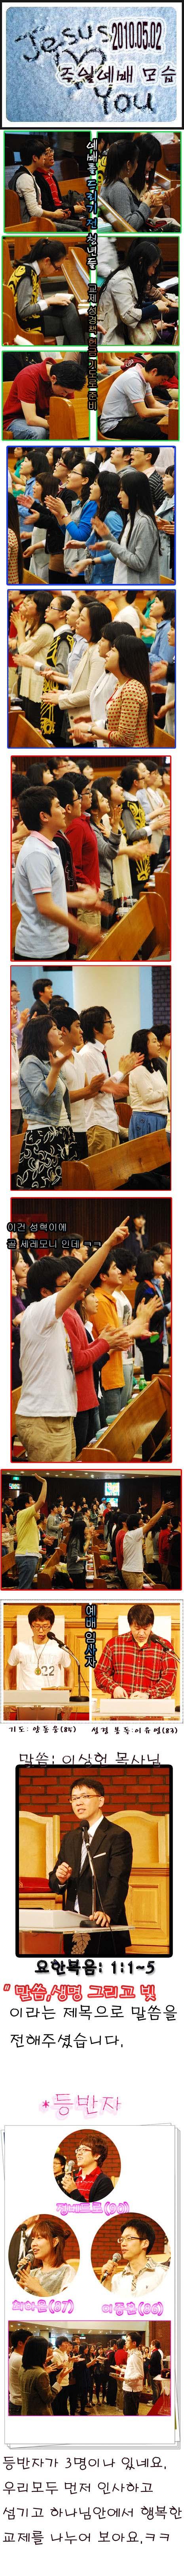 2010.05_copy